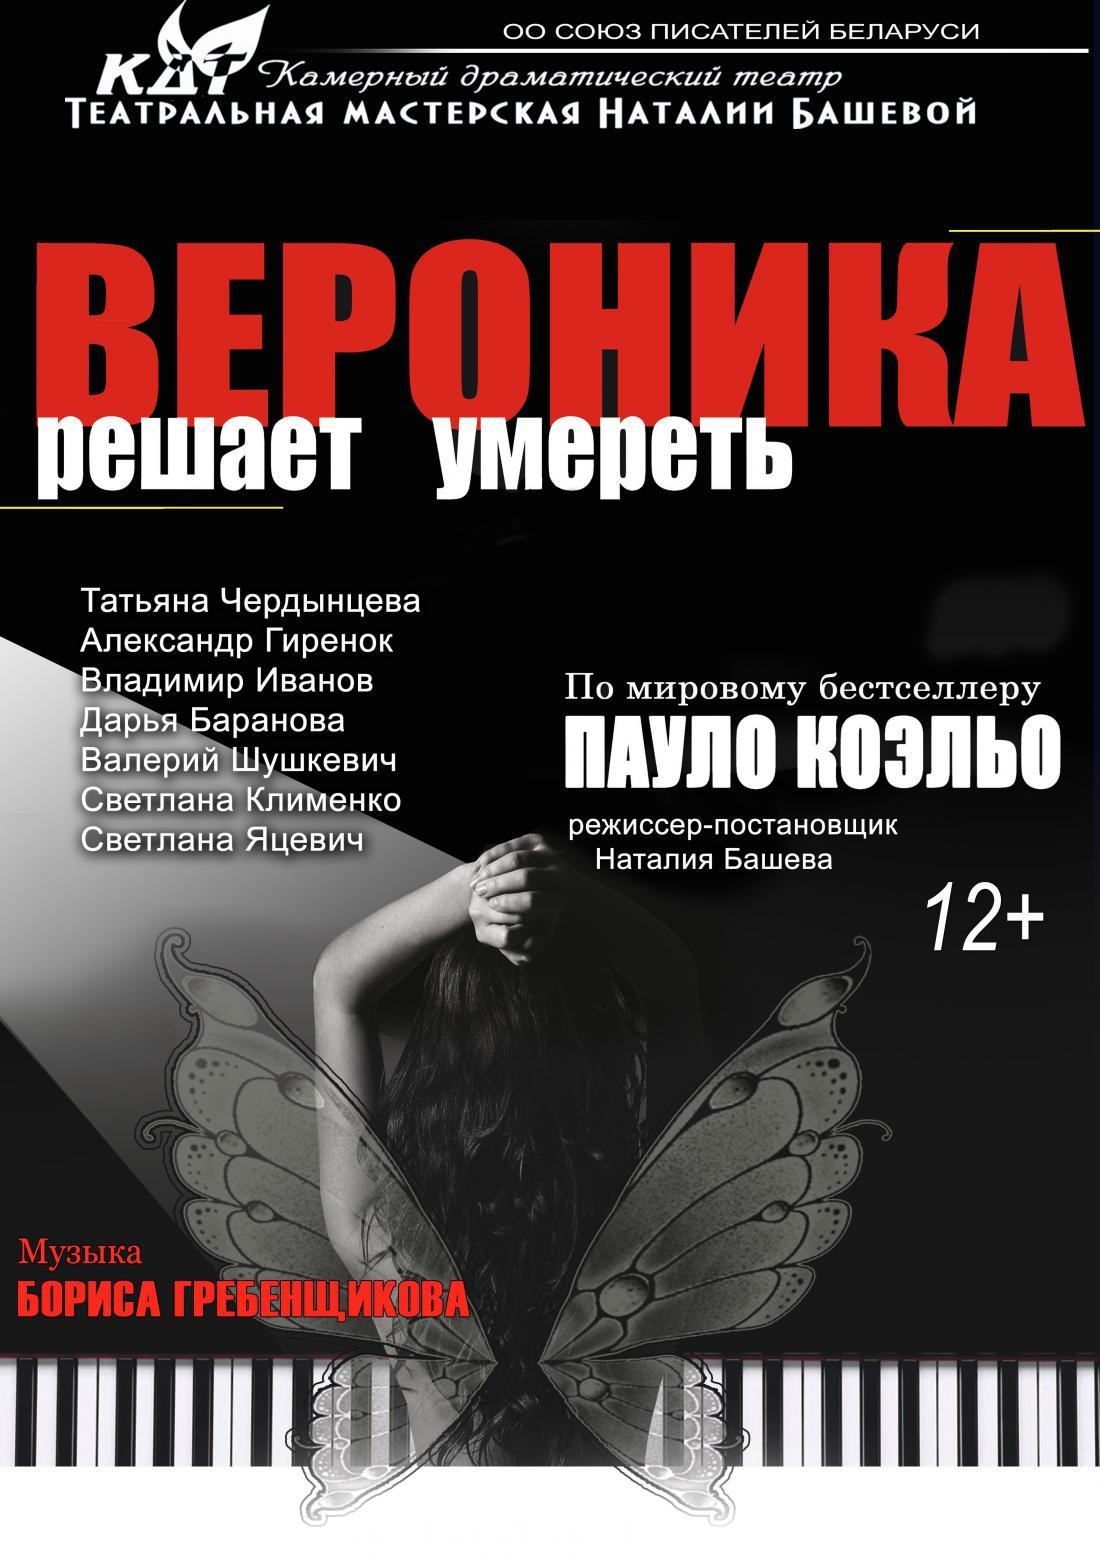 """24 мая cпектакль """"Вероника решает умереть"""", два билета по цене одного от 12 руб."""